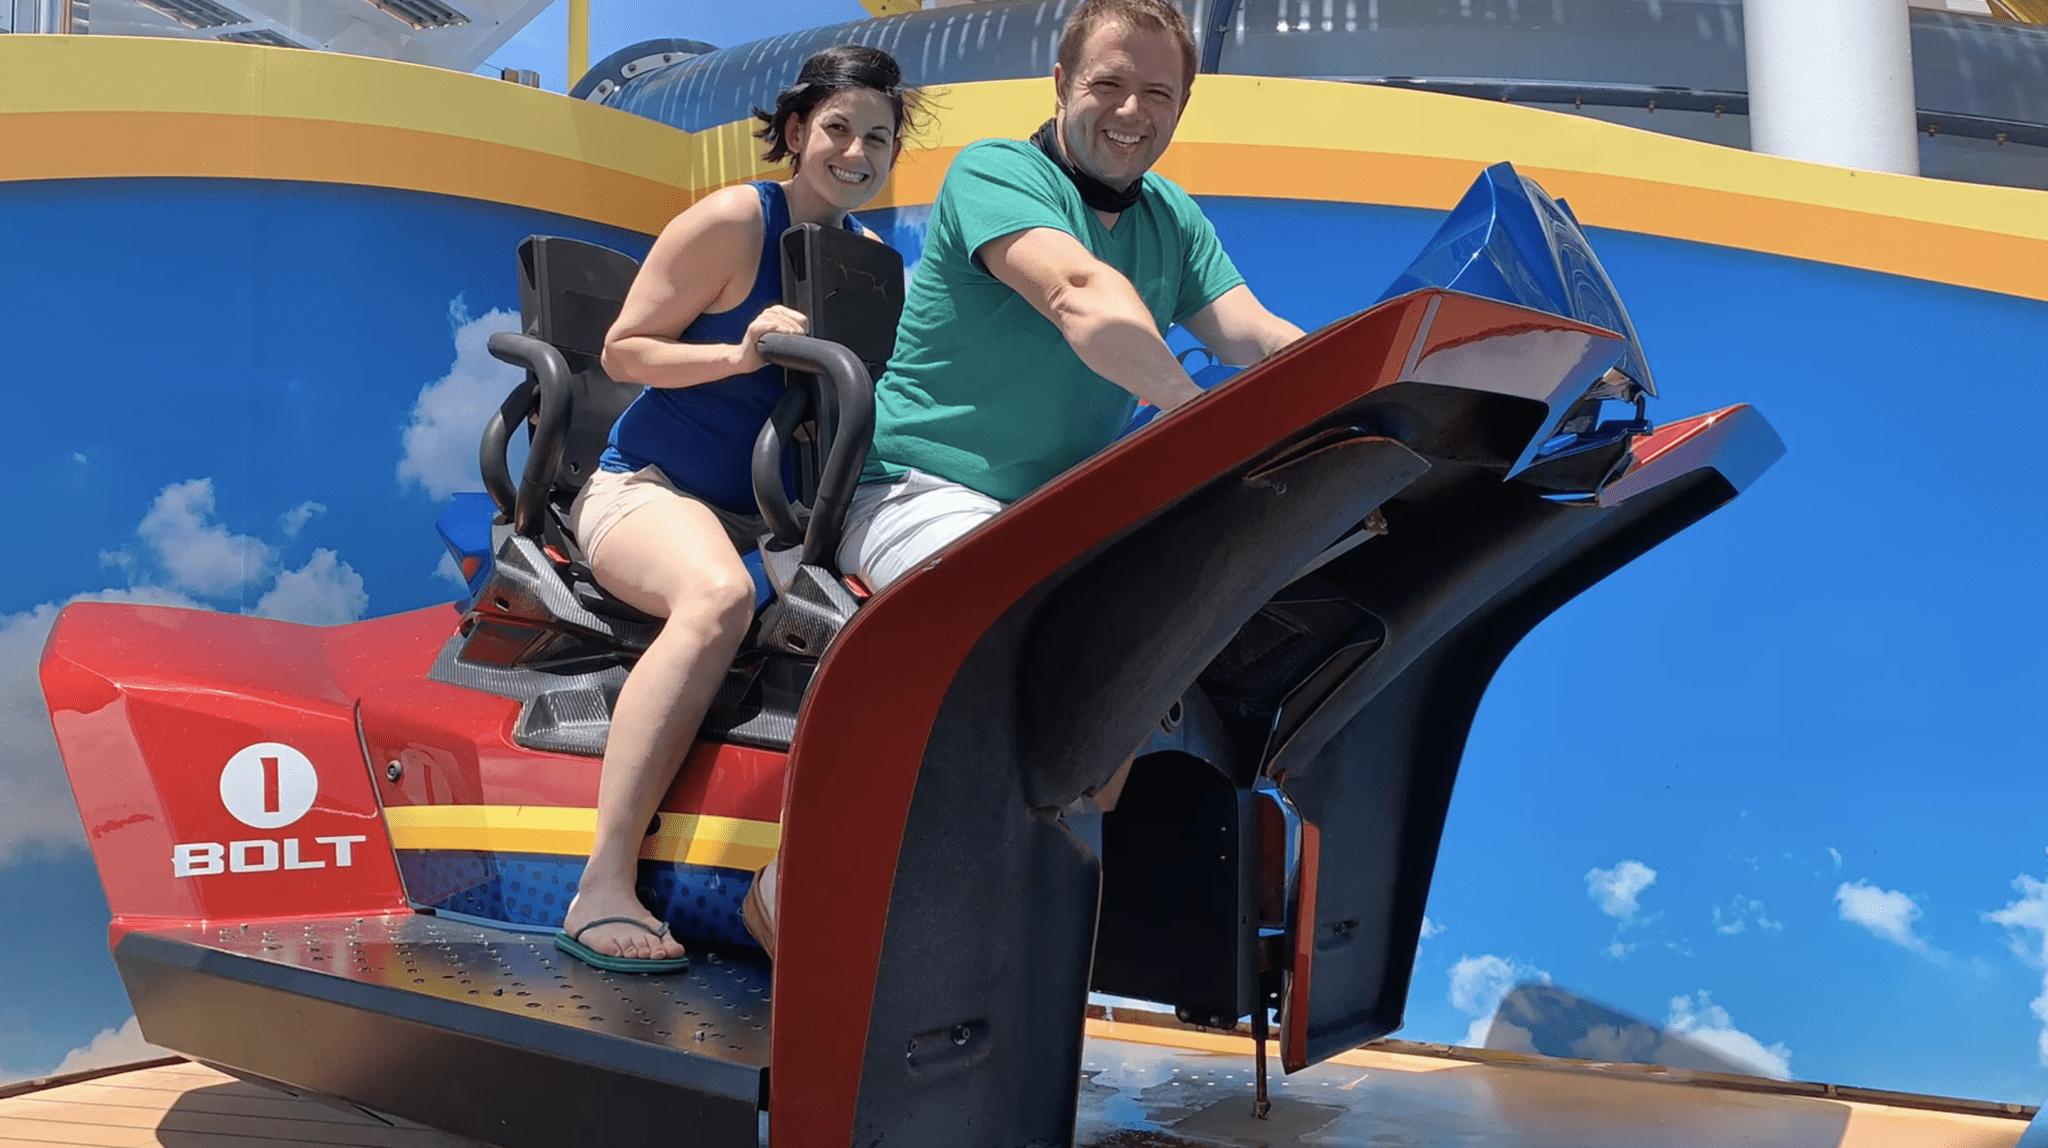 bolt mardi gras roller coaster